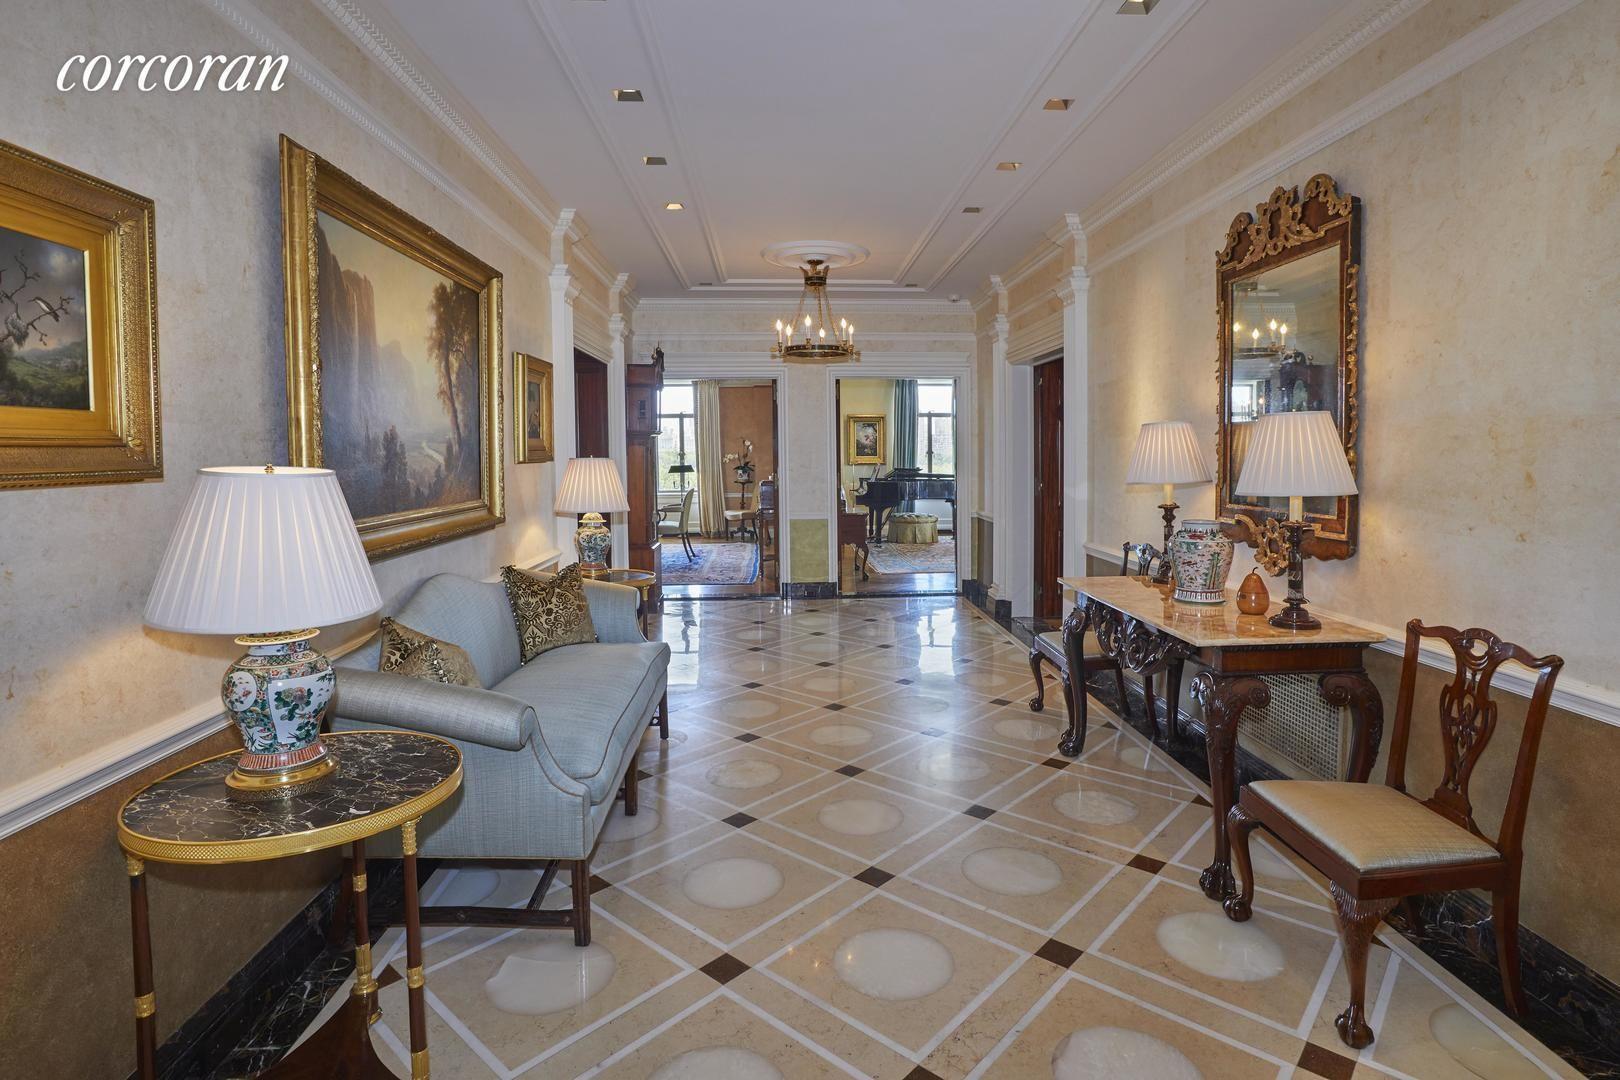 Apartment for sale at 211 Central Park West, Apt 9DE